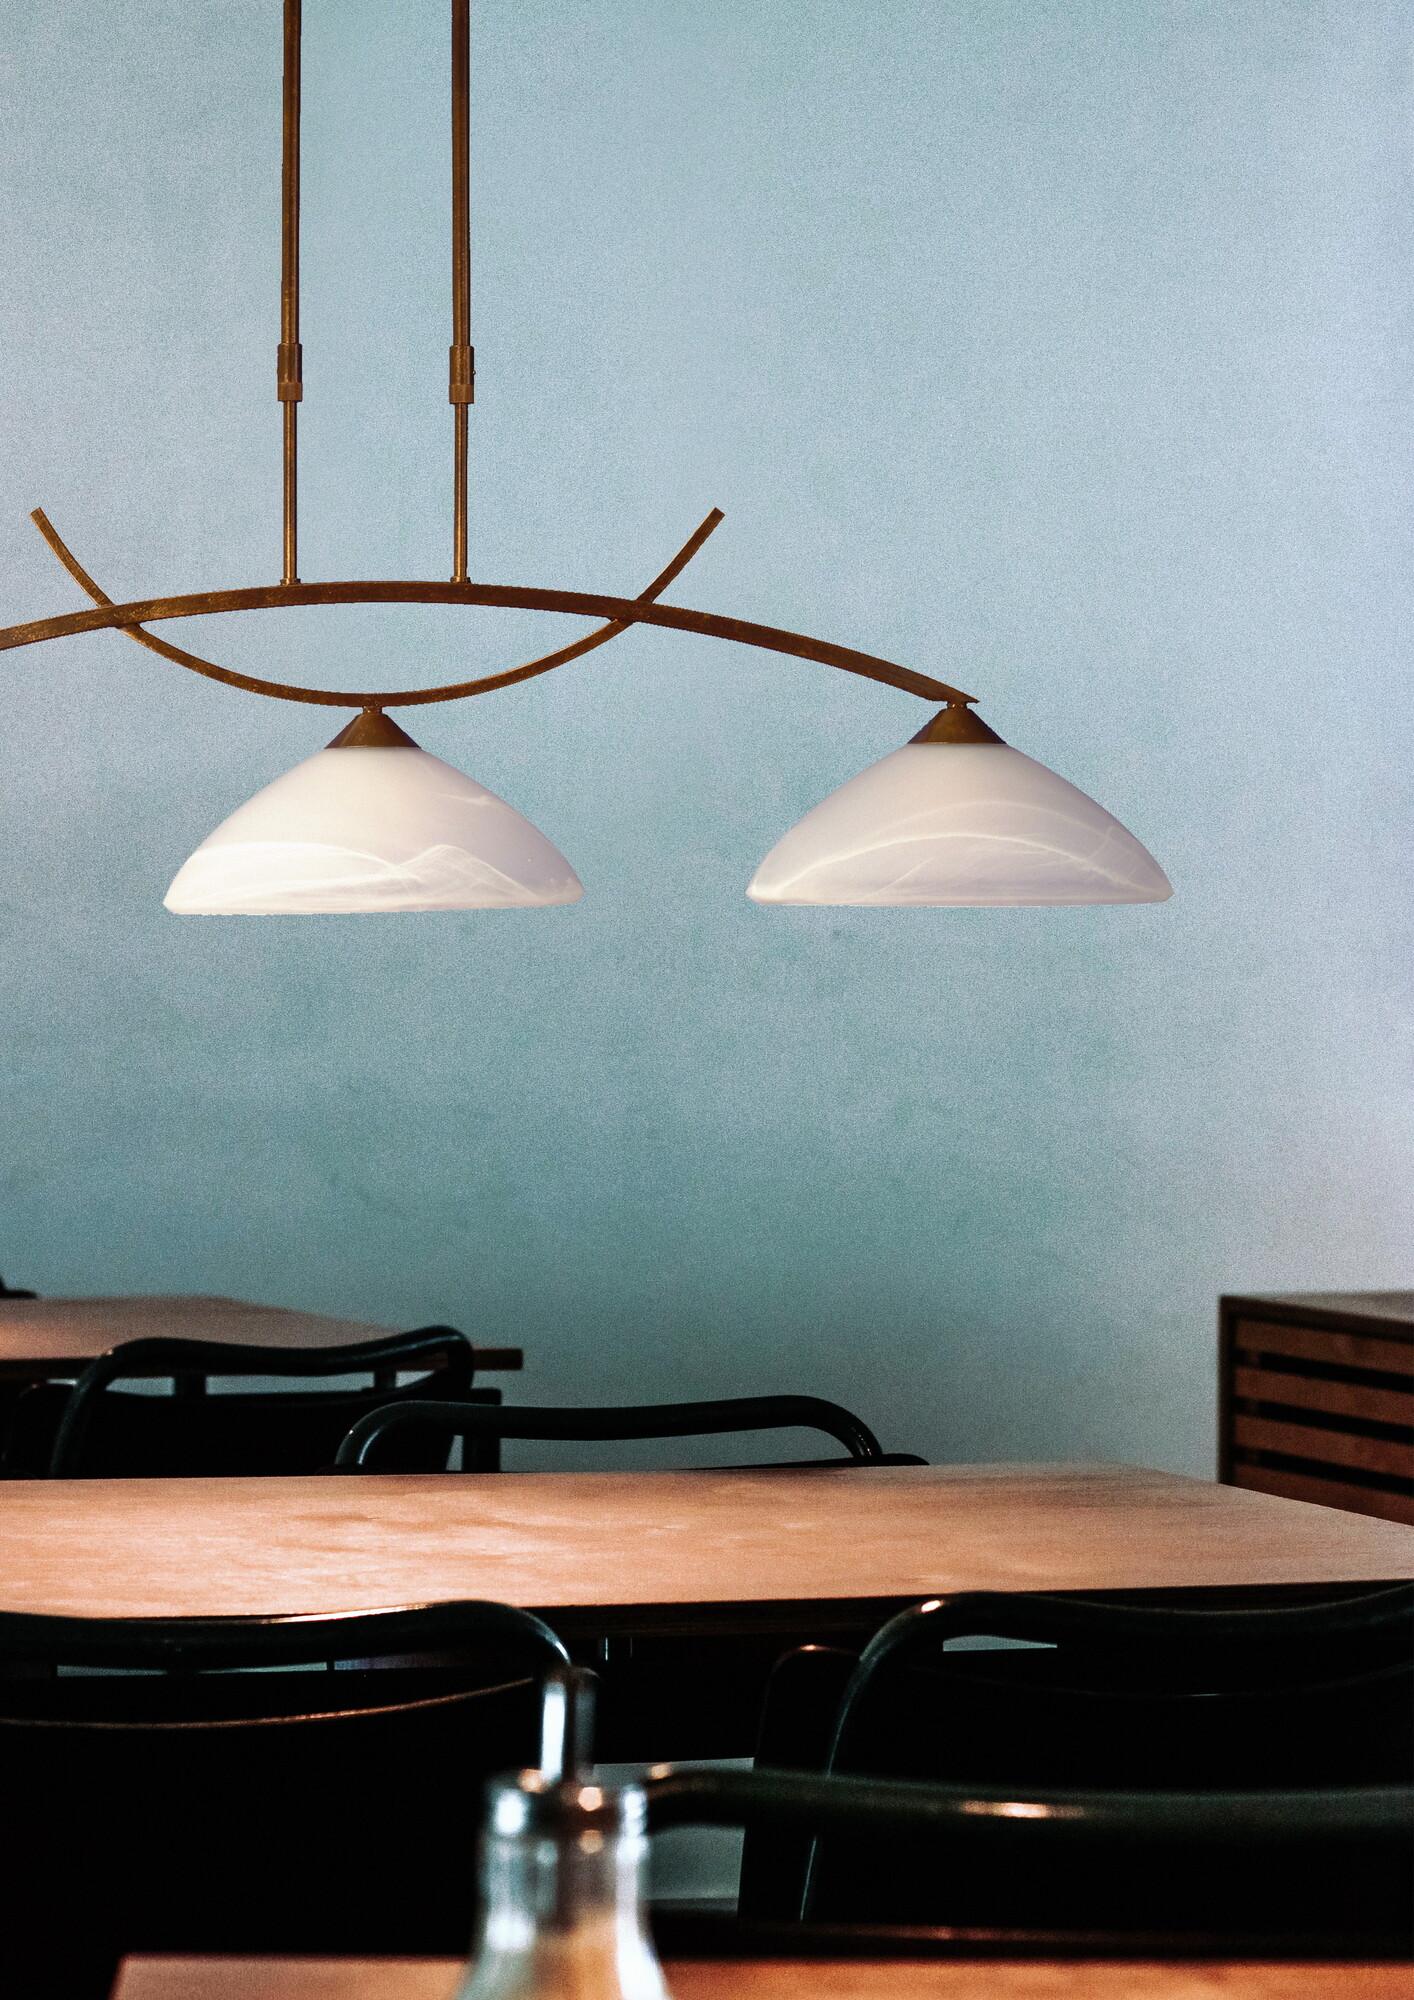 VERONA Hanglamp E27 3x Bruin